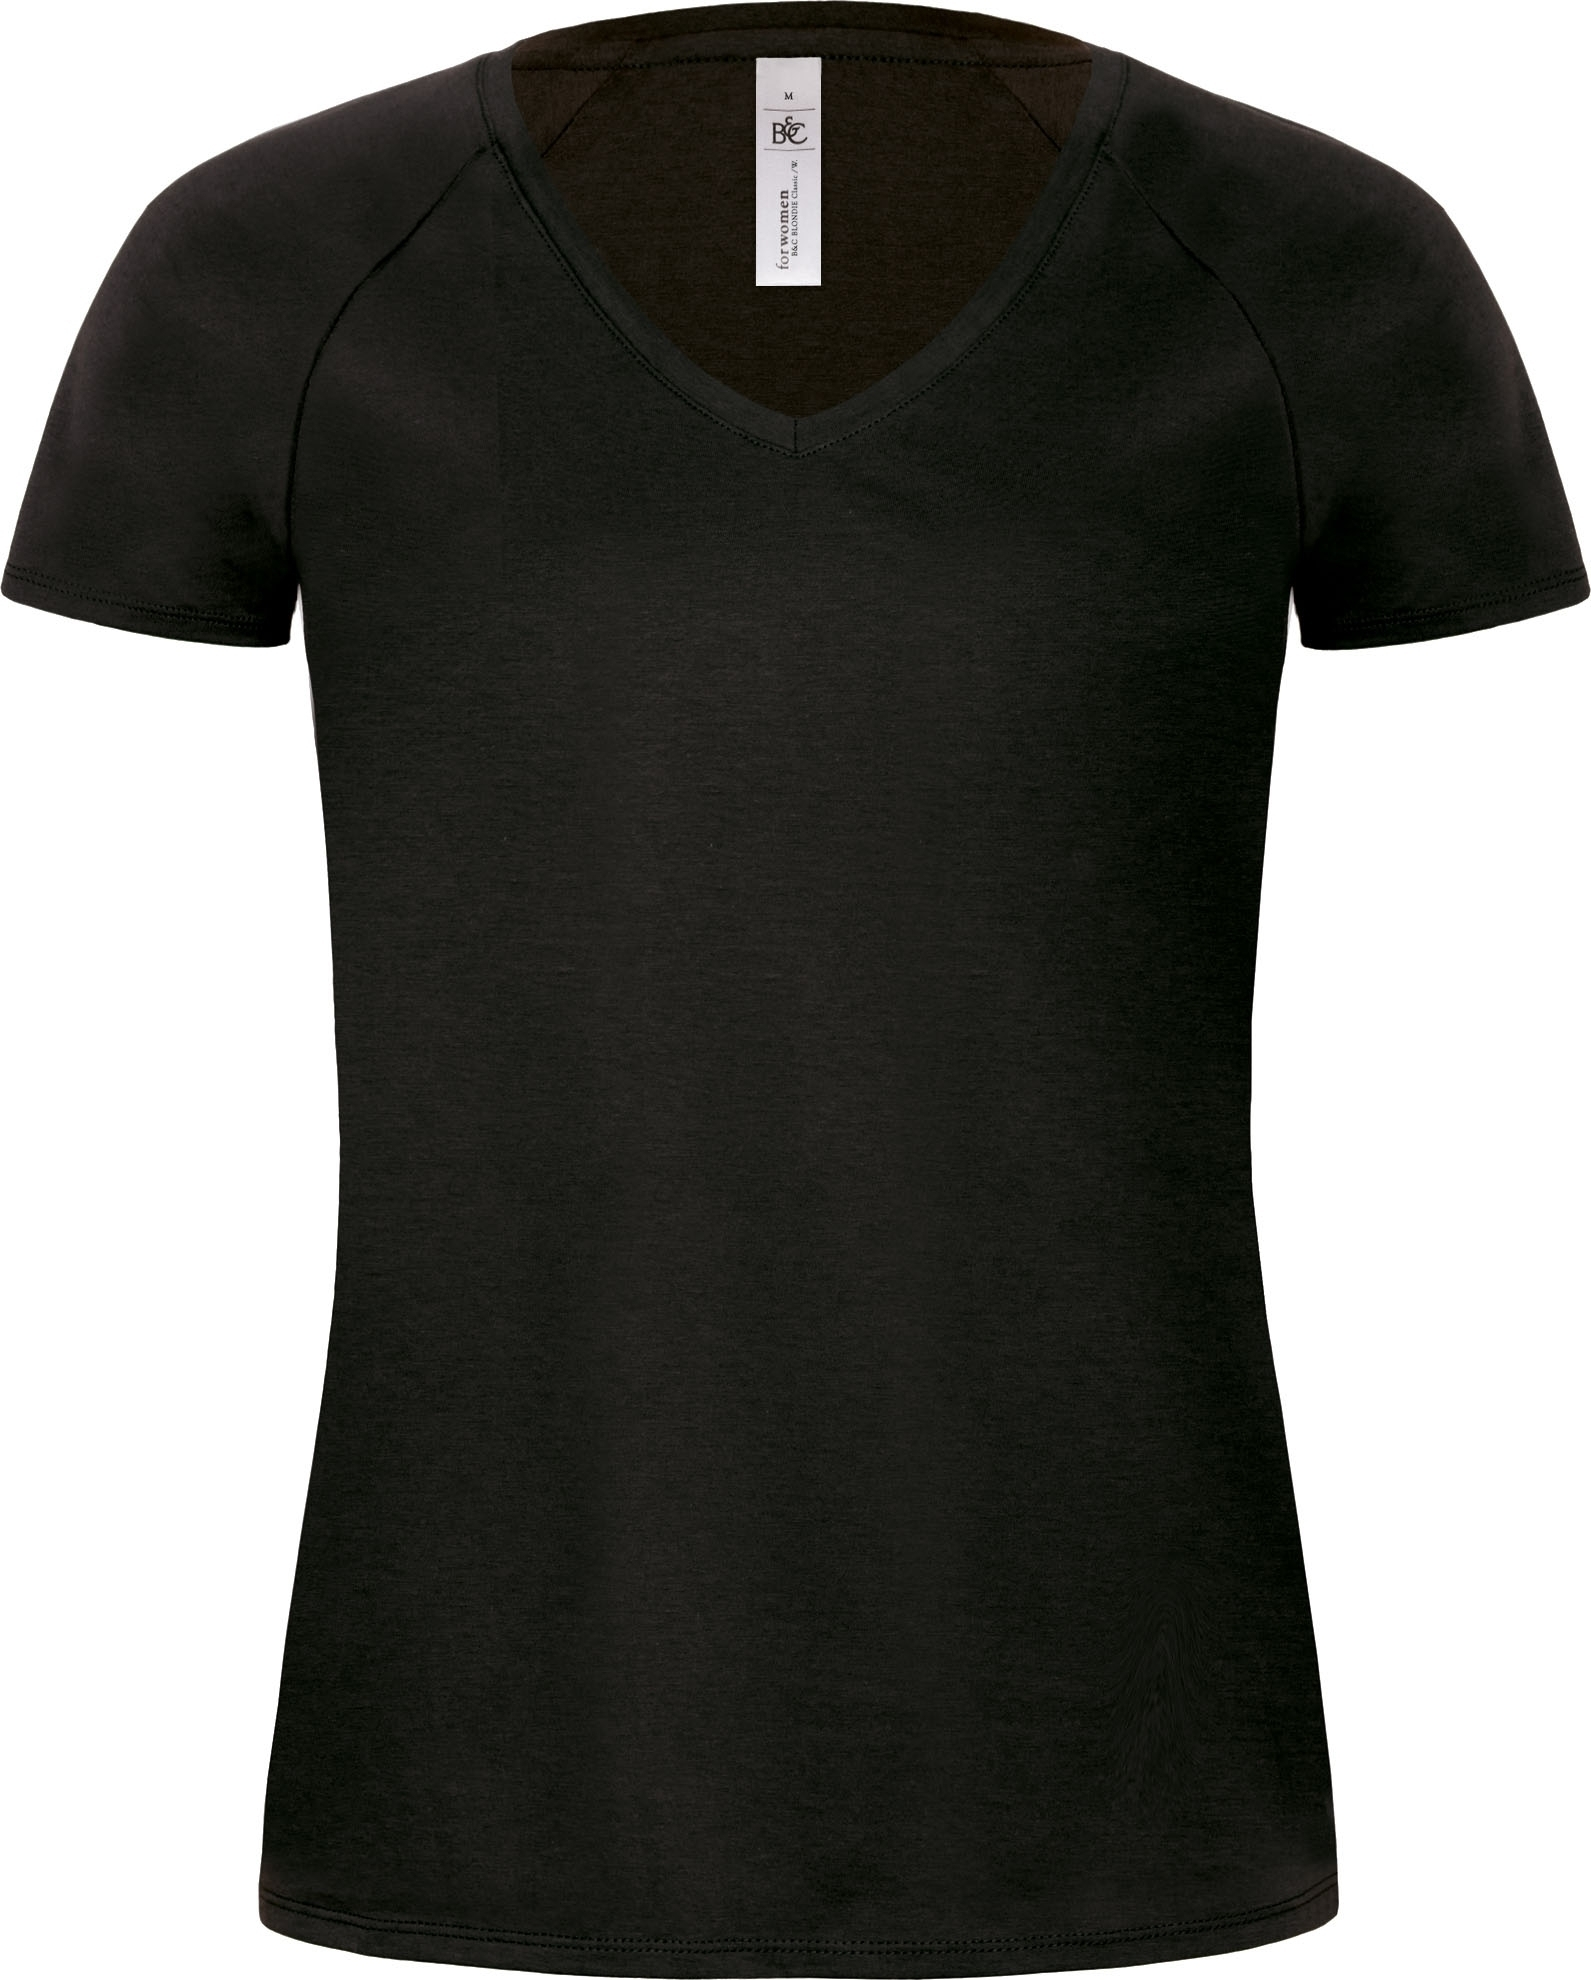 a5506e73c2de T-SHIRT FEMME COL V BLONDIE CLASSIC Black Noir ·  images stories virtuemart tt2016 PS CGTW260 BLACK